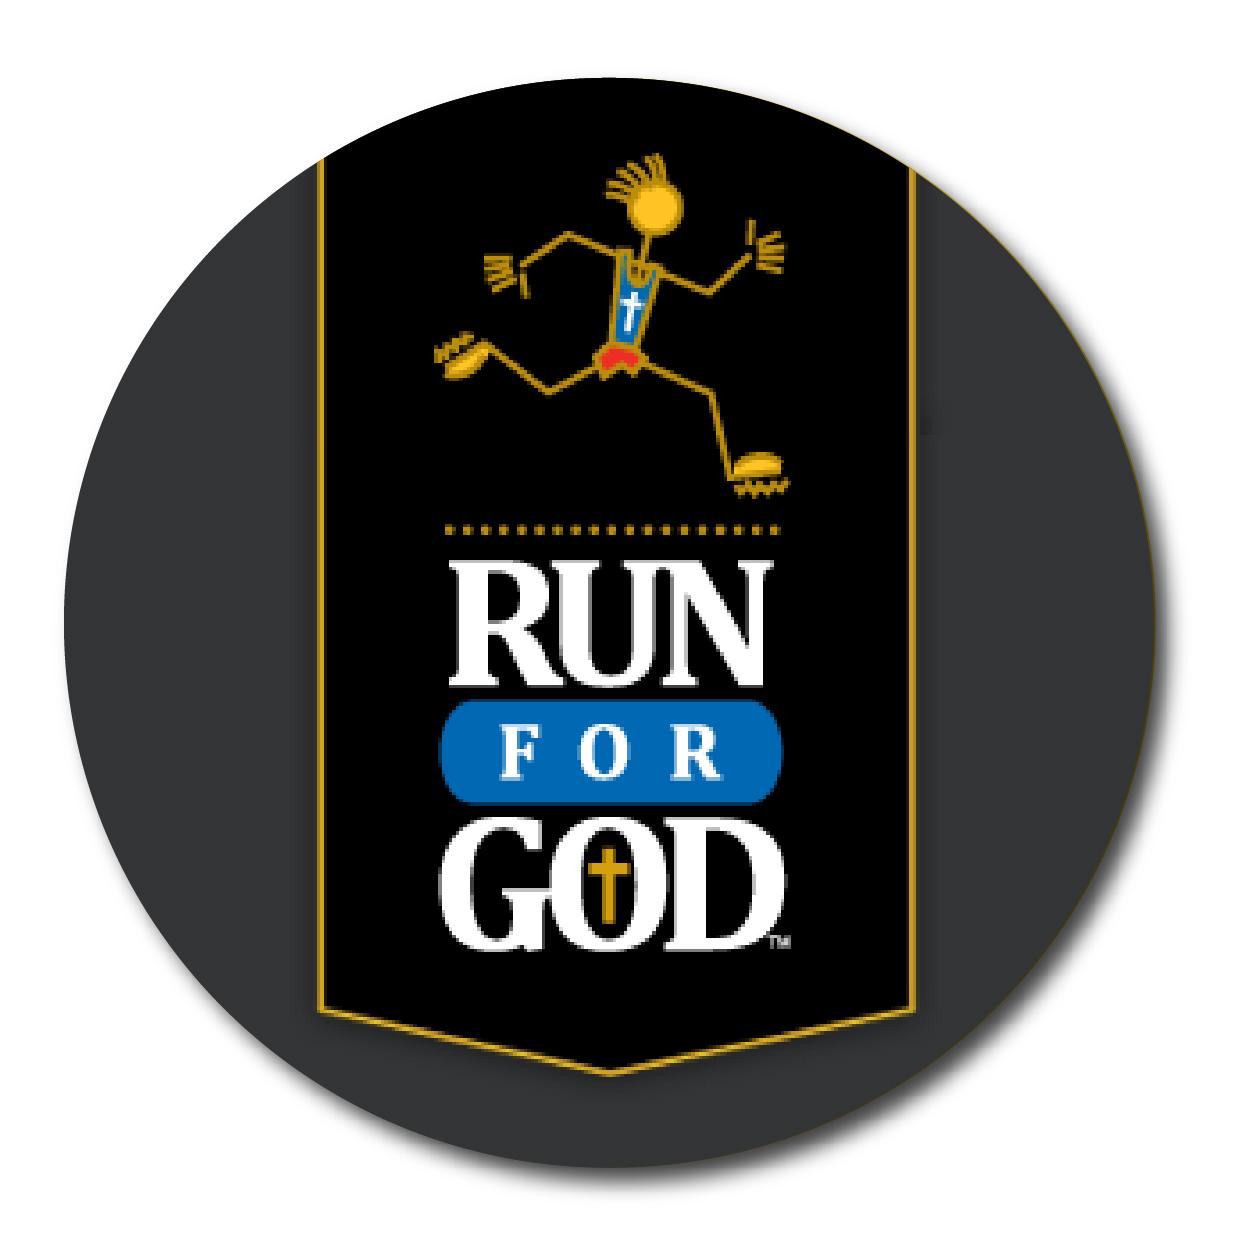 run for god@2x-100.jpg